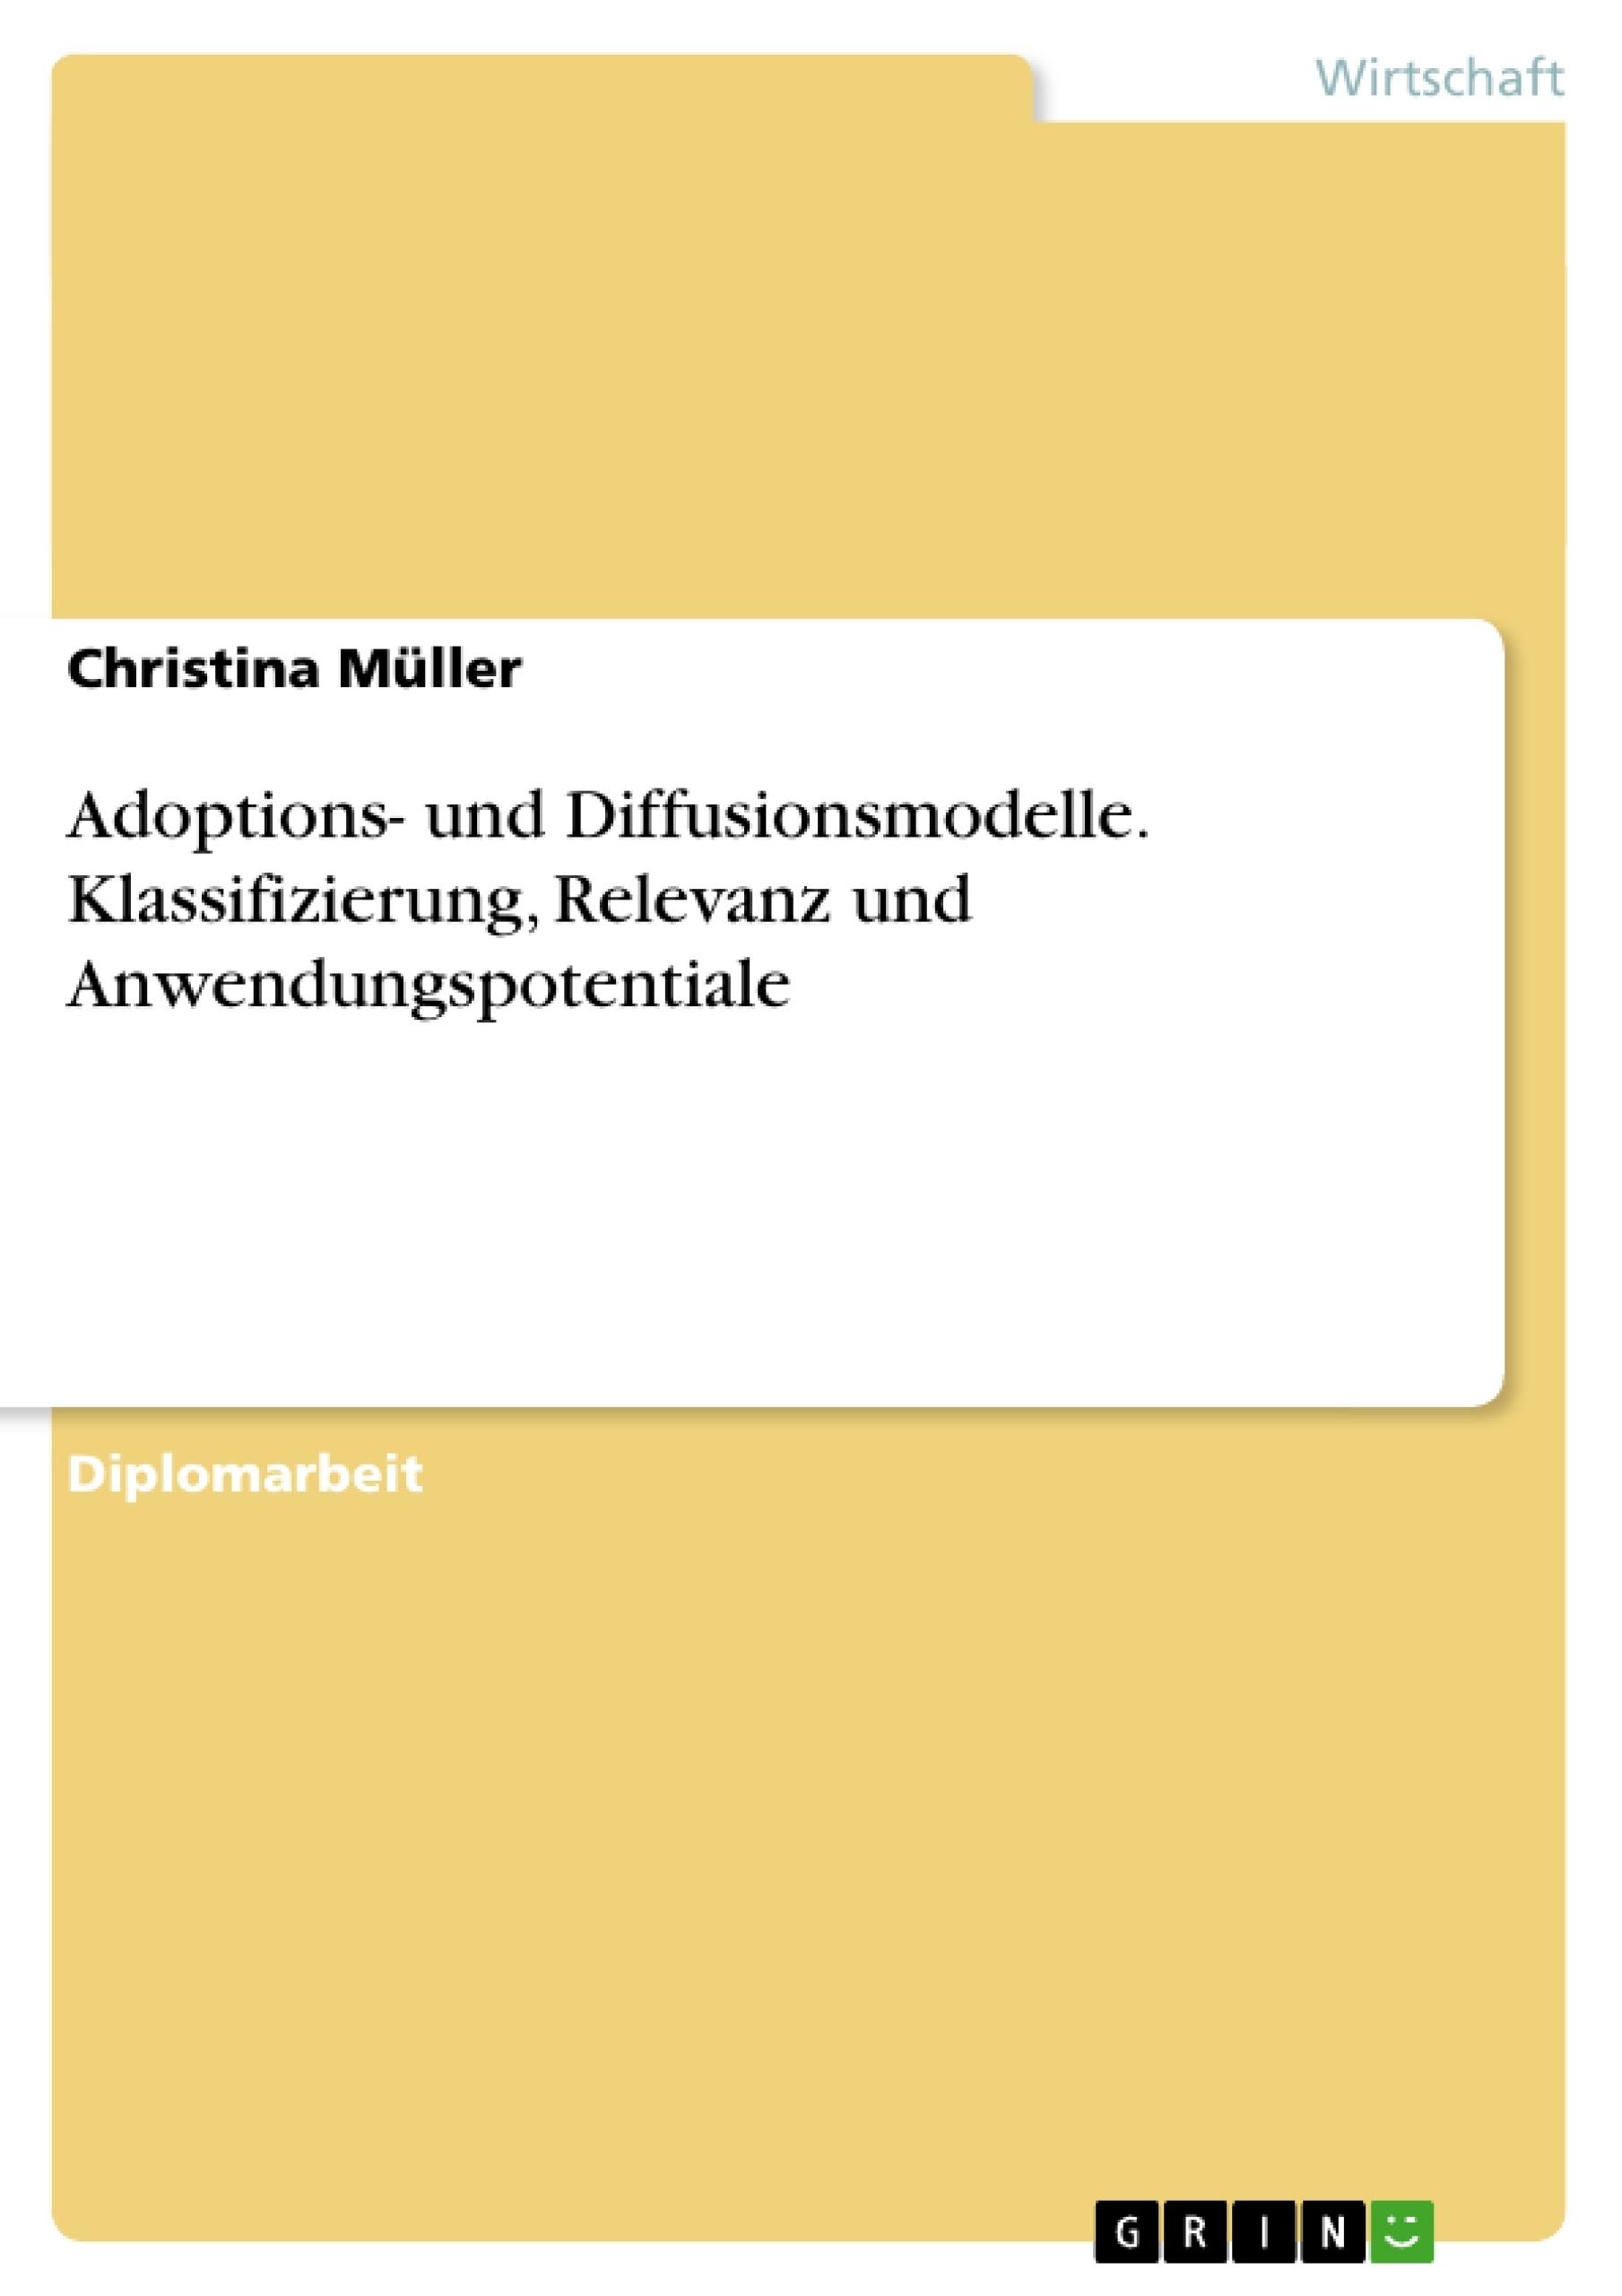 Titel: Adoptions- und Diffusionsmodelle. Klassifizierung, Relevanz und Anwendungspotentiale